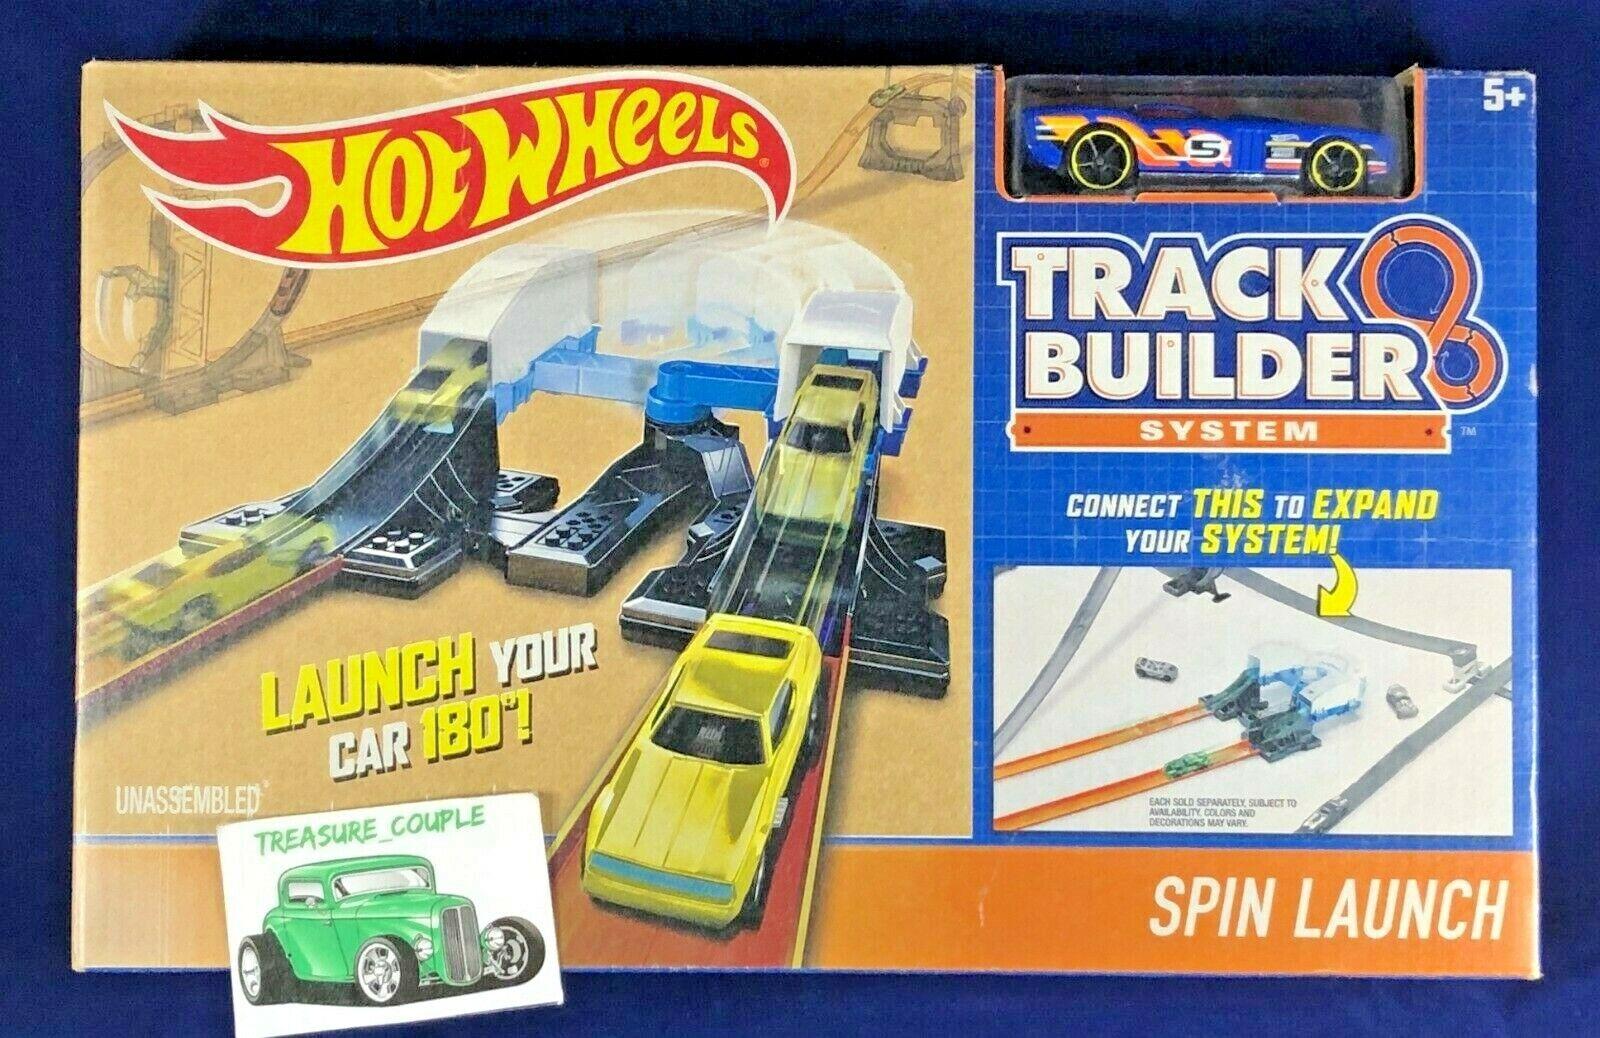 wheels workshop track builder spin